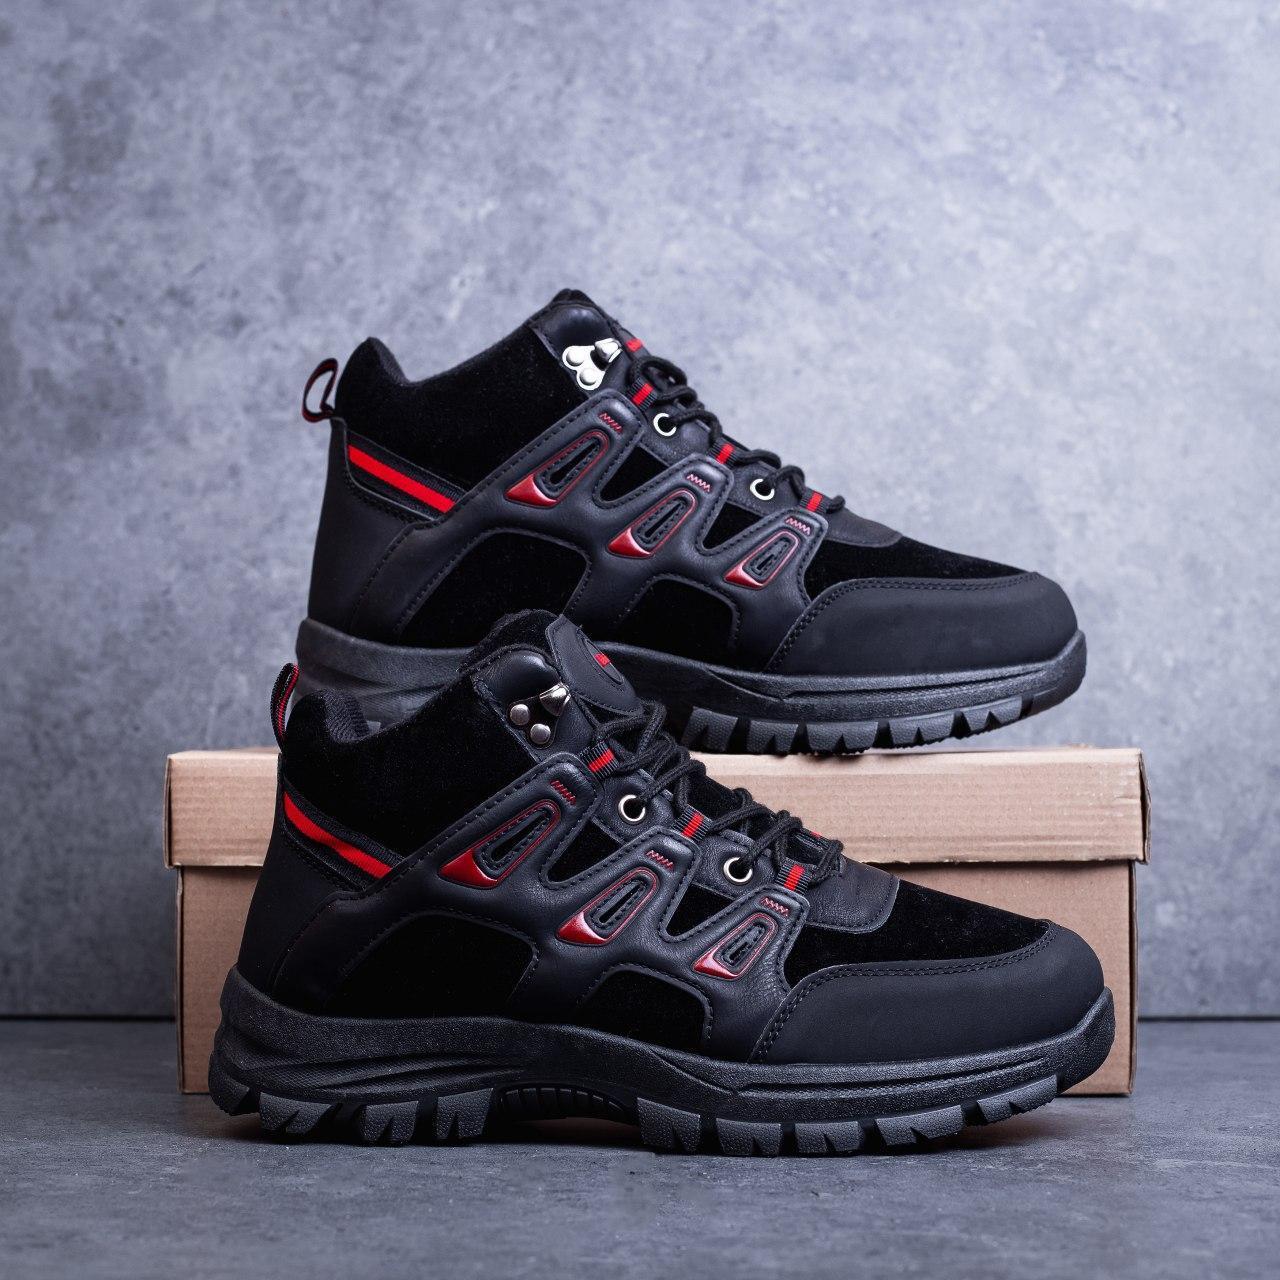 Мужские ботинки Гамми БО-бо черные с красным